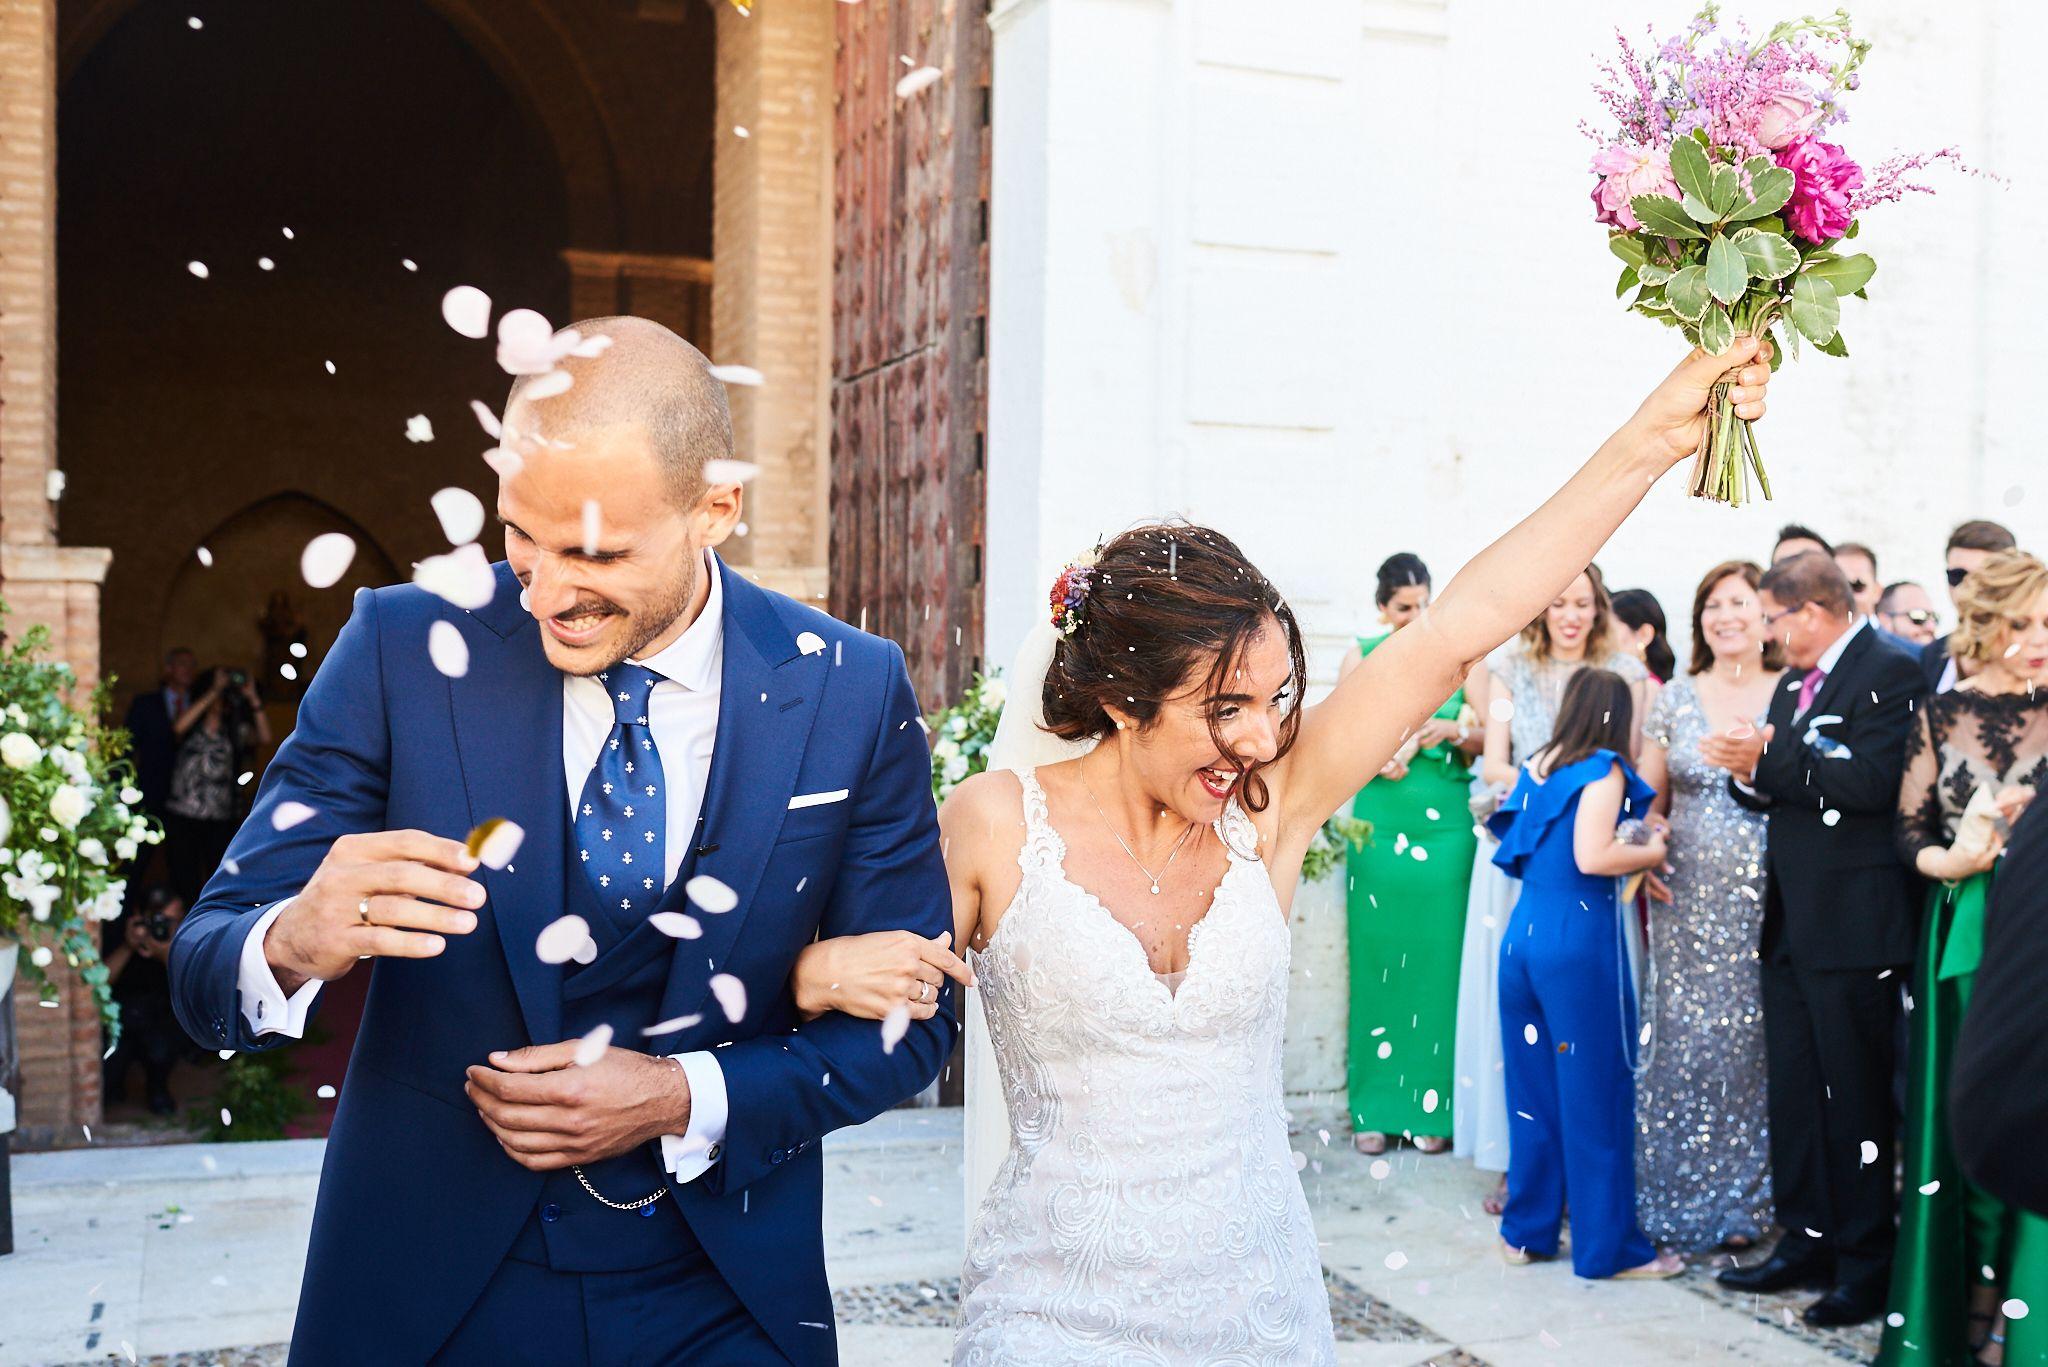 La-22Destination-Wedding22-en-Moguer-de-Lauren-y-JosC3A9-Antonio-JoseAntonio-alejandromarmol1855.jpg